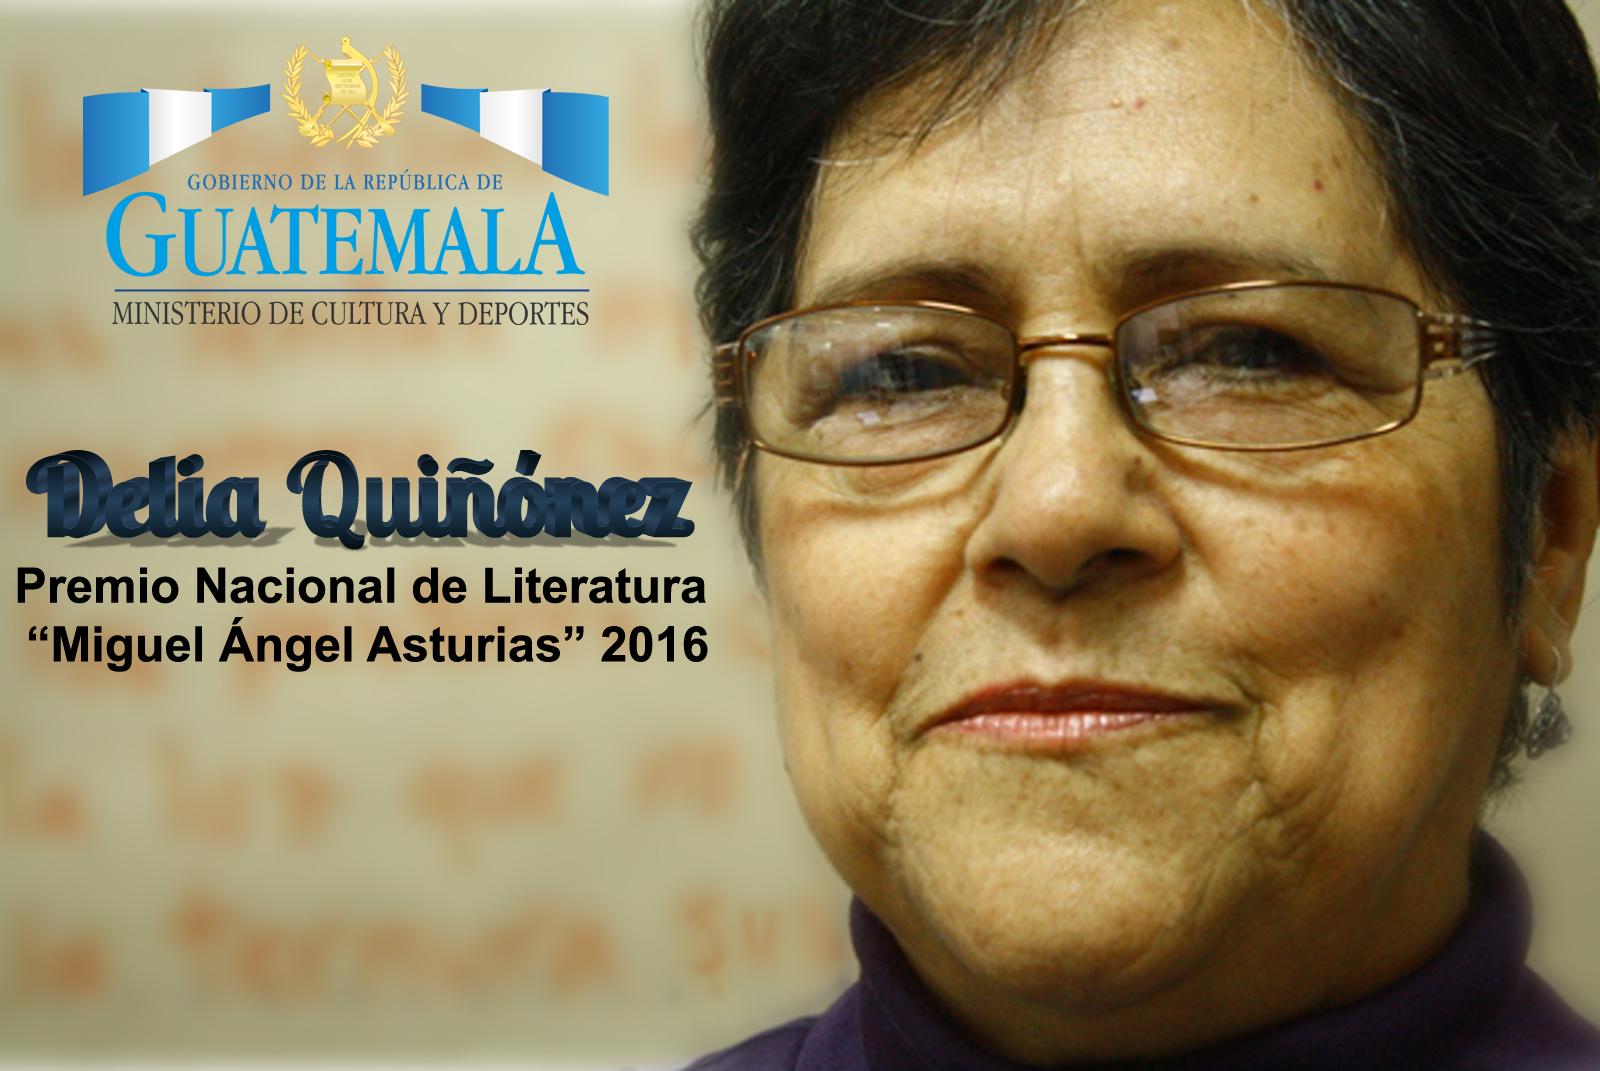 DELIA QUIÑONEZ